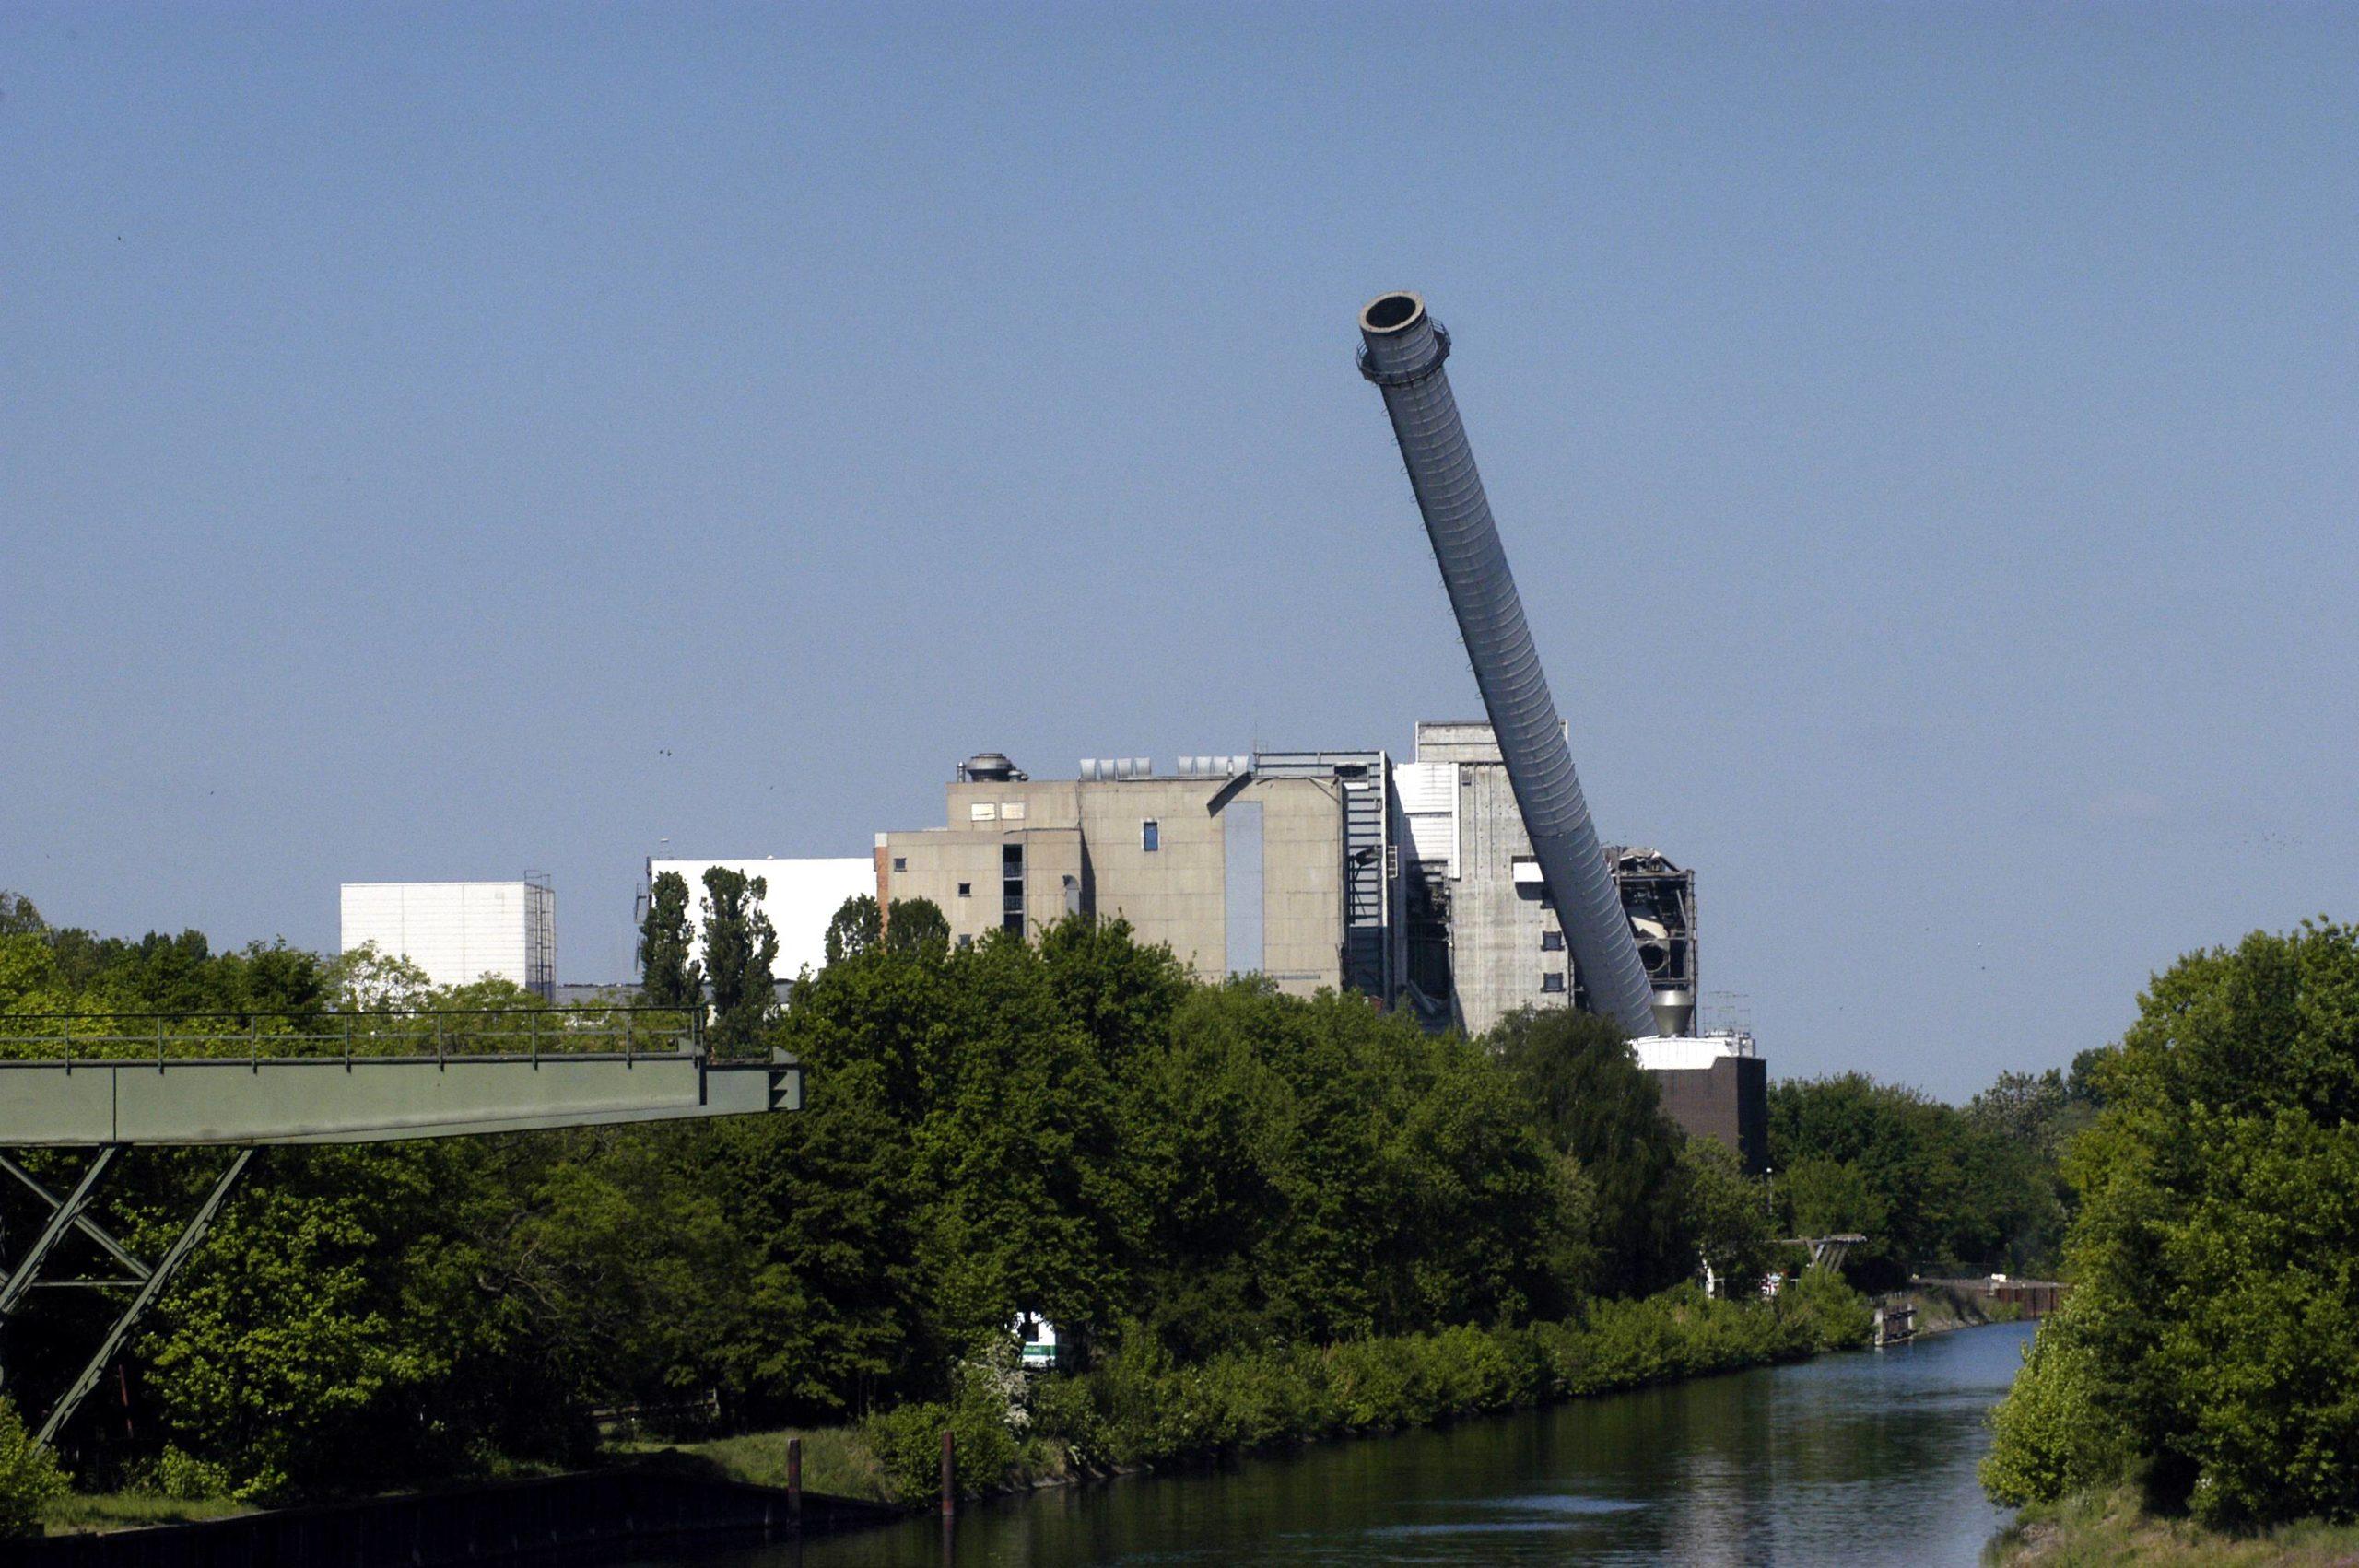 Sprengung des Heizkraftwerkes am Teltowkanal in Rudow, 2007. Foto: Imago/Bernd Friedel